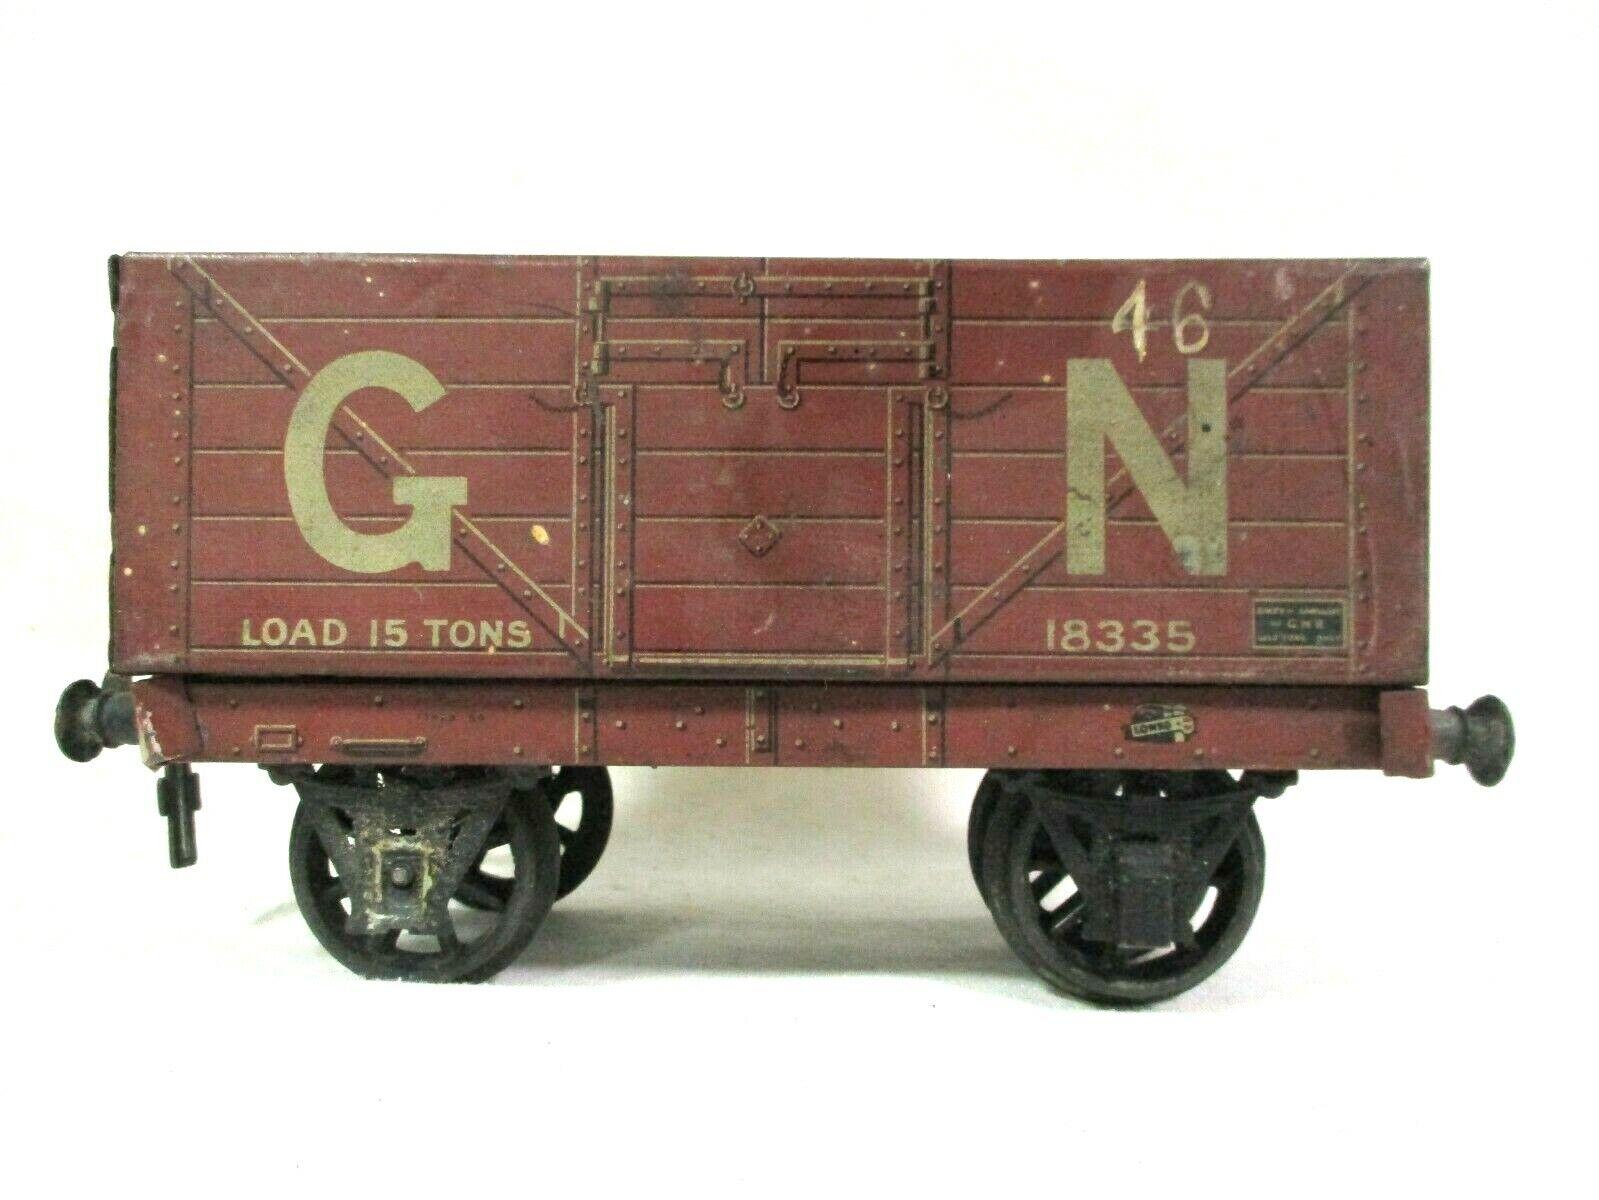 Bassett Lowke 18335 GN 1 Gauge 15 Ton Load Wagon Model Railway Freight B63-2